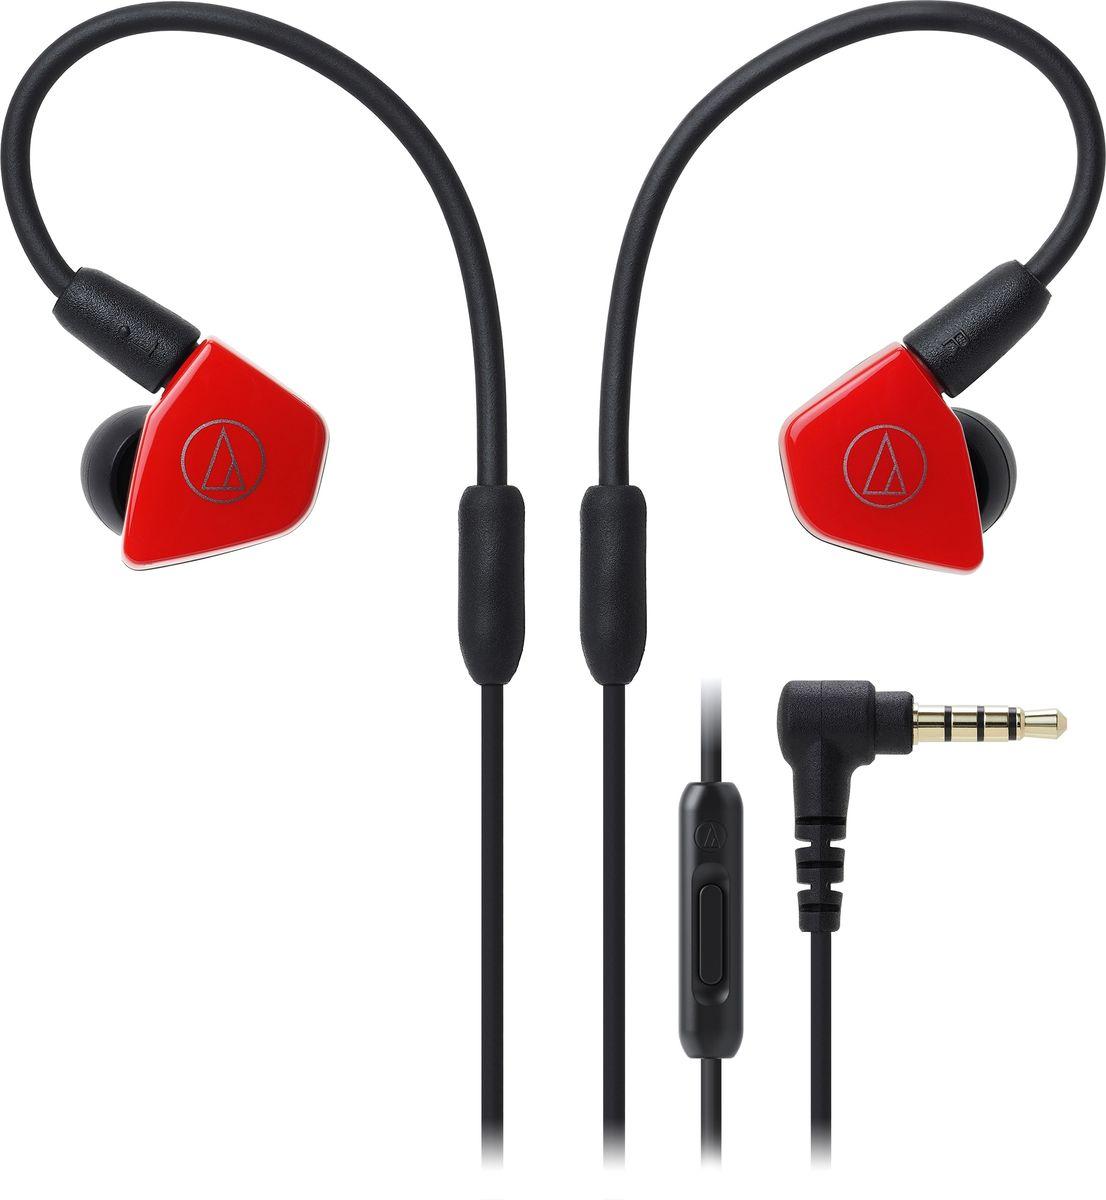 Audio-Technica ATH-LS50iS, Red наушники15119537Внутриканальные наушники Audio-Technica ATH-LS50IS со сдвоенными излучателями обеспечат вам действительно живое концертное звучание, как будто вы находитесь в первом ряду. Сдвоенные драйверы располагаются в одном корпусе и работают синфазно, тем самым уменьшая деформацию мембраны и обеспечивая сбалансированное звучание с мощным басом. Корпус модели выполнен из прочного ABS-пластика, что способствует снижению нежелательных резонансов.ATH-LS50iS оснащены съёмным кабелем с разъёмом A2DC, который снижает переходное затухание и улучшает разделение каналов. Кабель имеет микрофон и пульт управления, с помощью которого вы сможете управлять звонками и воспроизведением музыки. Гибкость кабеля с памятью формы позволит подобрать удобную посадку в ухе, что сказывается на фиксации наушника и комфорте ношения.8,8-мм сдвоенные излучателиСбалансированное звучание с мощным басом и отличной детальностьюГибкий съёмный кабель с памятью формыРазъём кабеля A2DCФункция гарнитурыКорпус из прочного ABS-пластикаАмбушюры четырёх размеров и чехол для хранения в комплекте